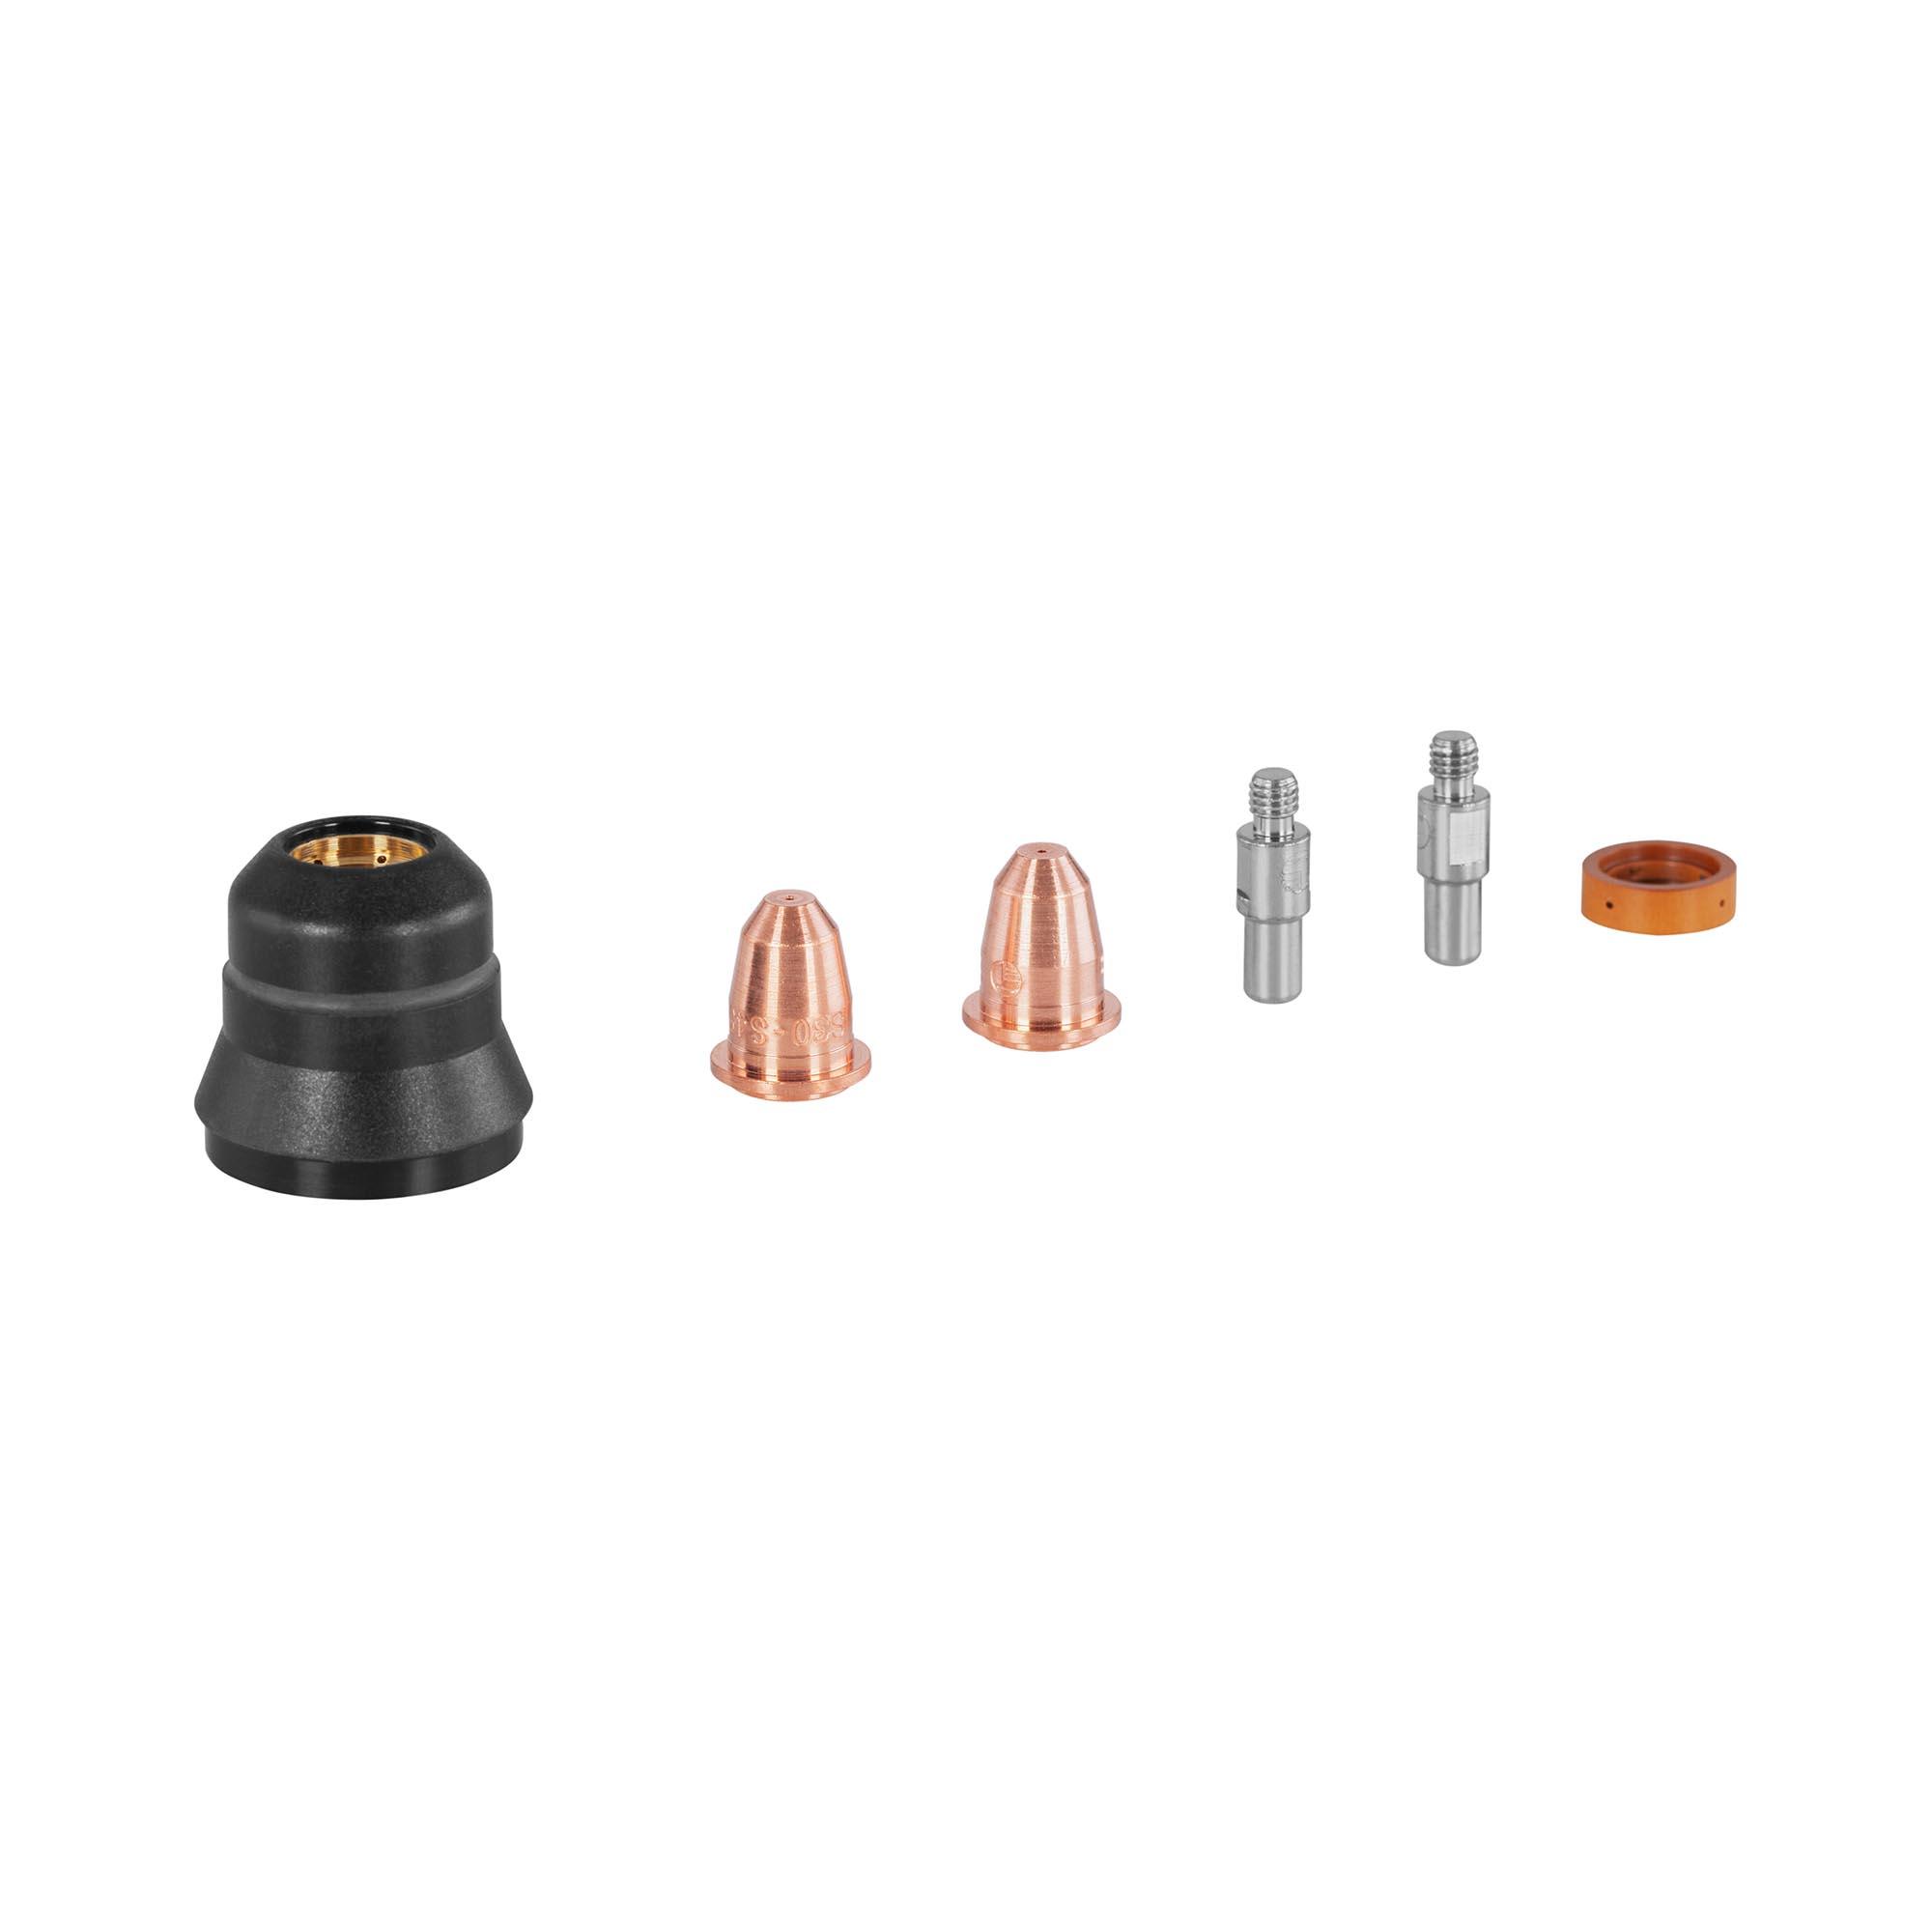 Stamos Welding Group Plasma Ersatzteilset - Prolox60 / Trexus50 - Set K Prolox 60 / Trexus 50 (Set K)